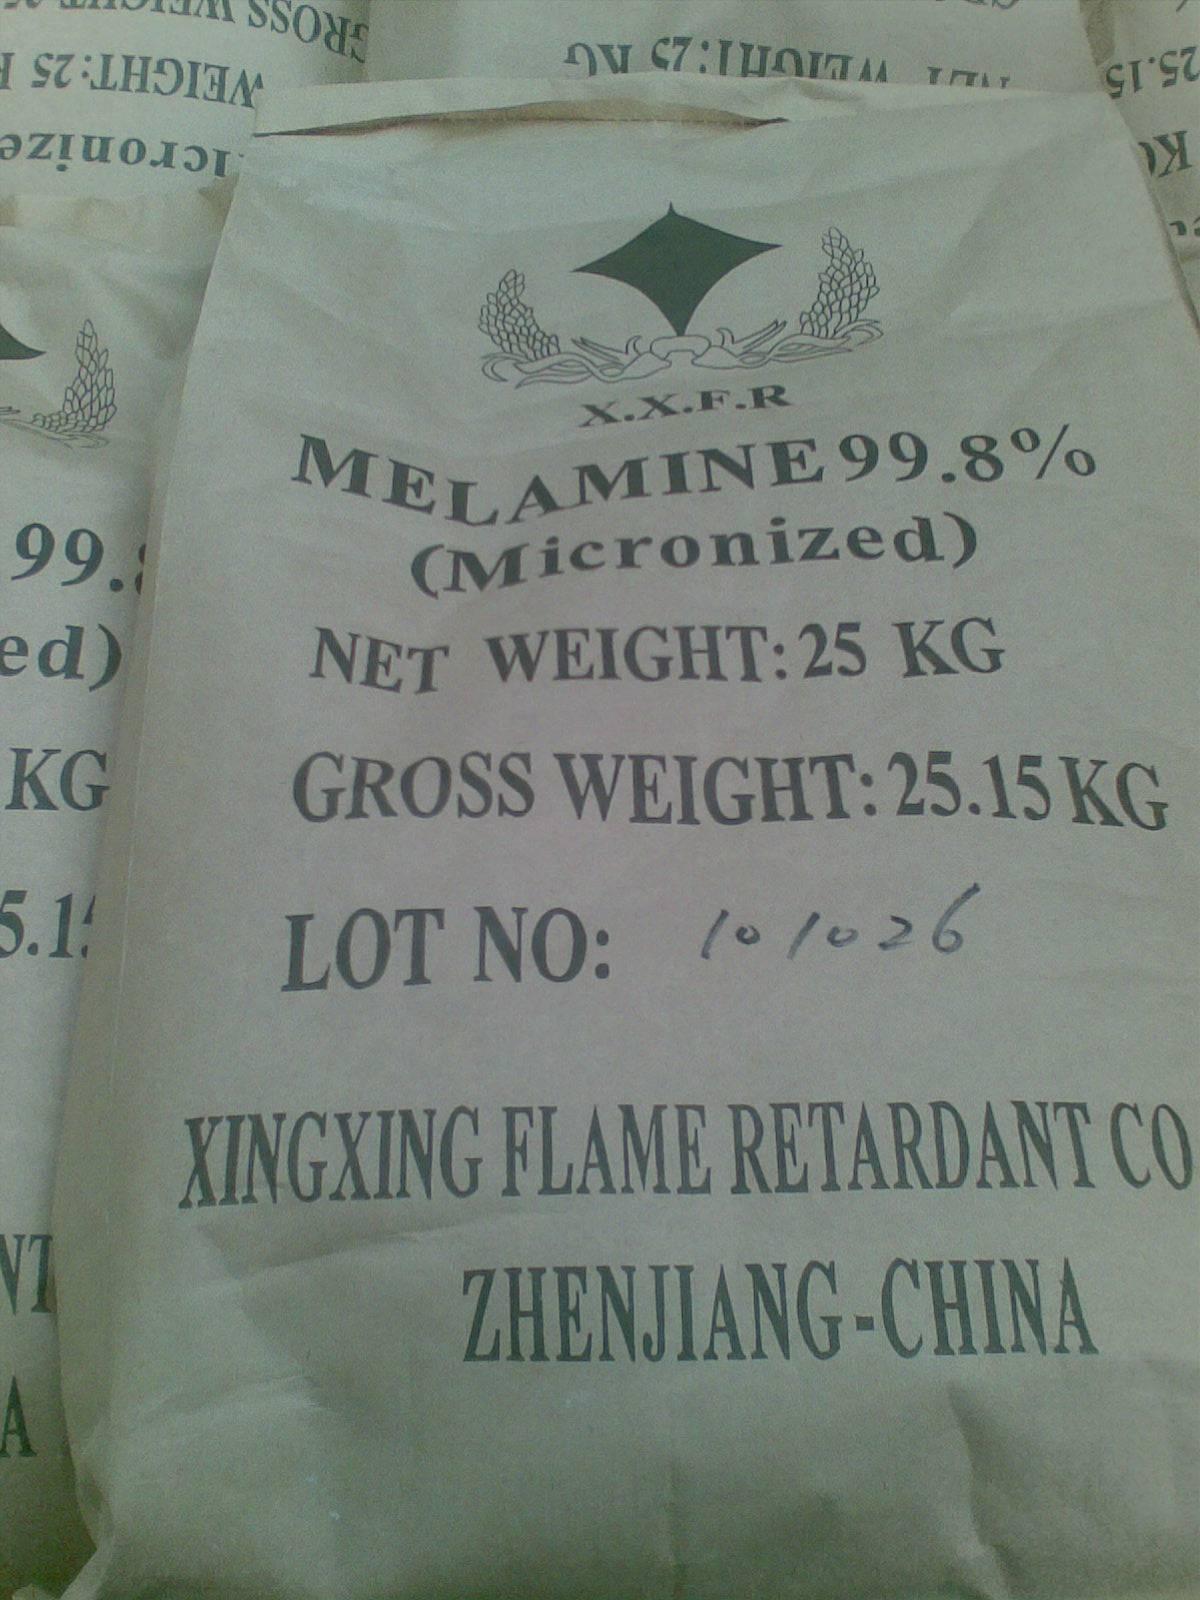 Melamine(Micronized)